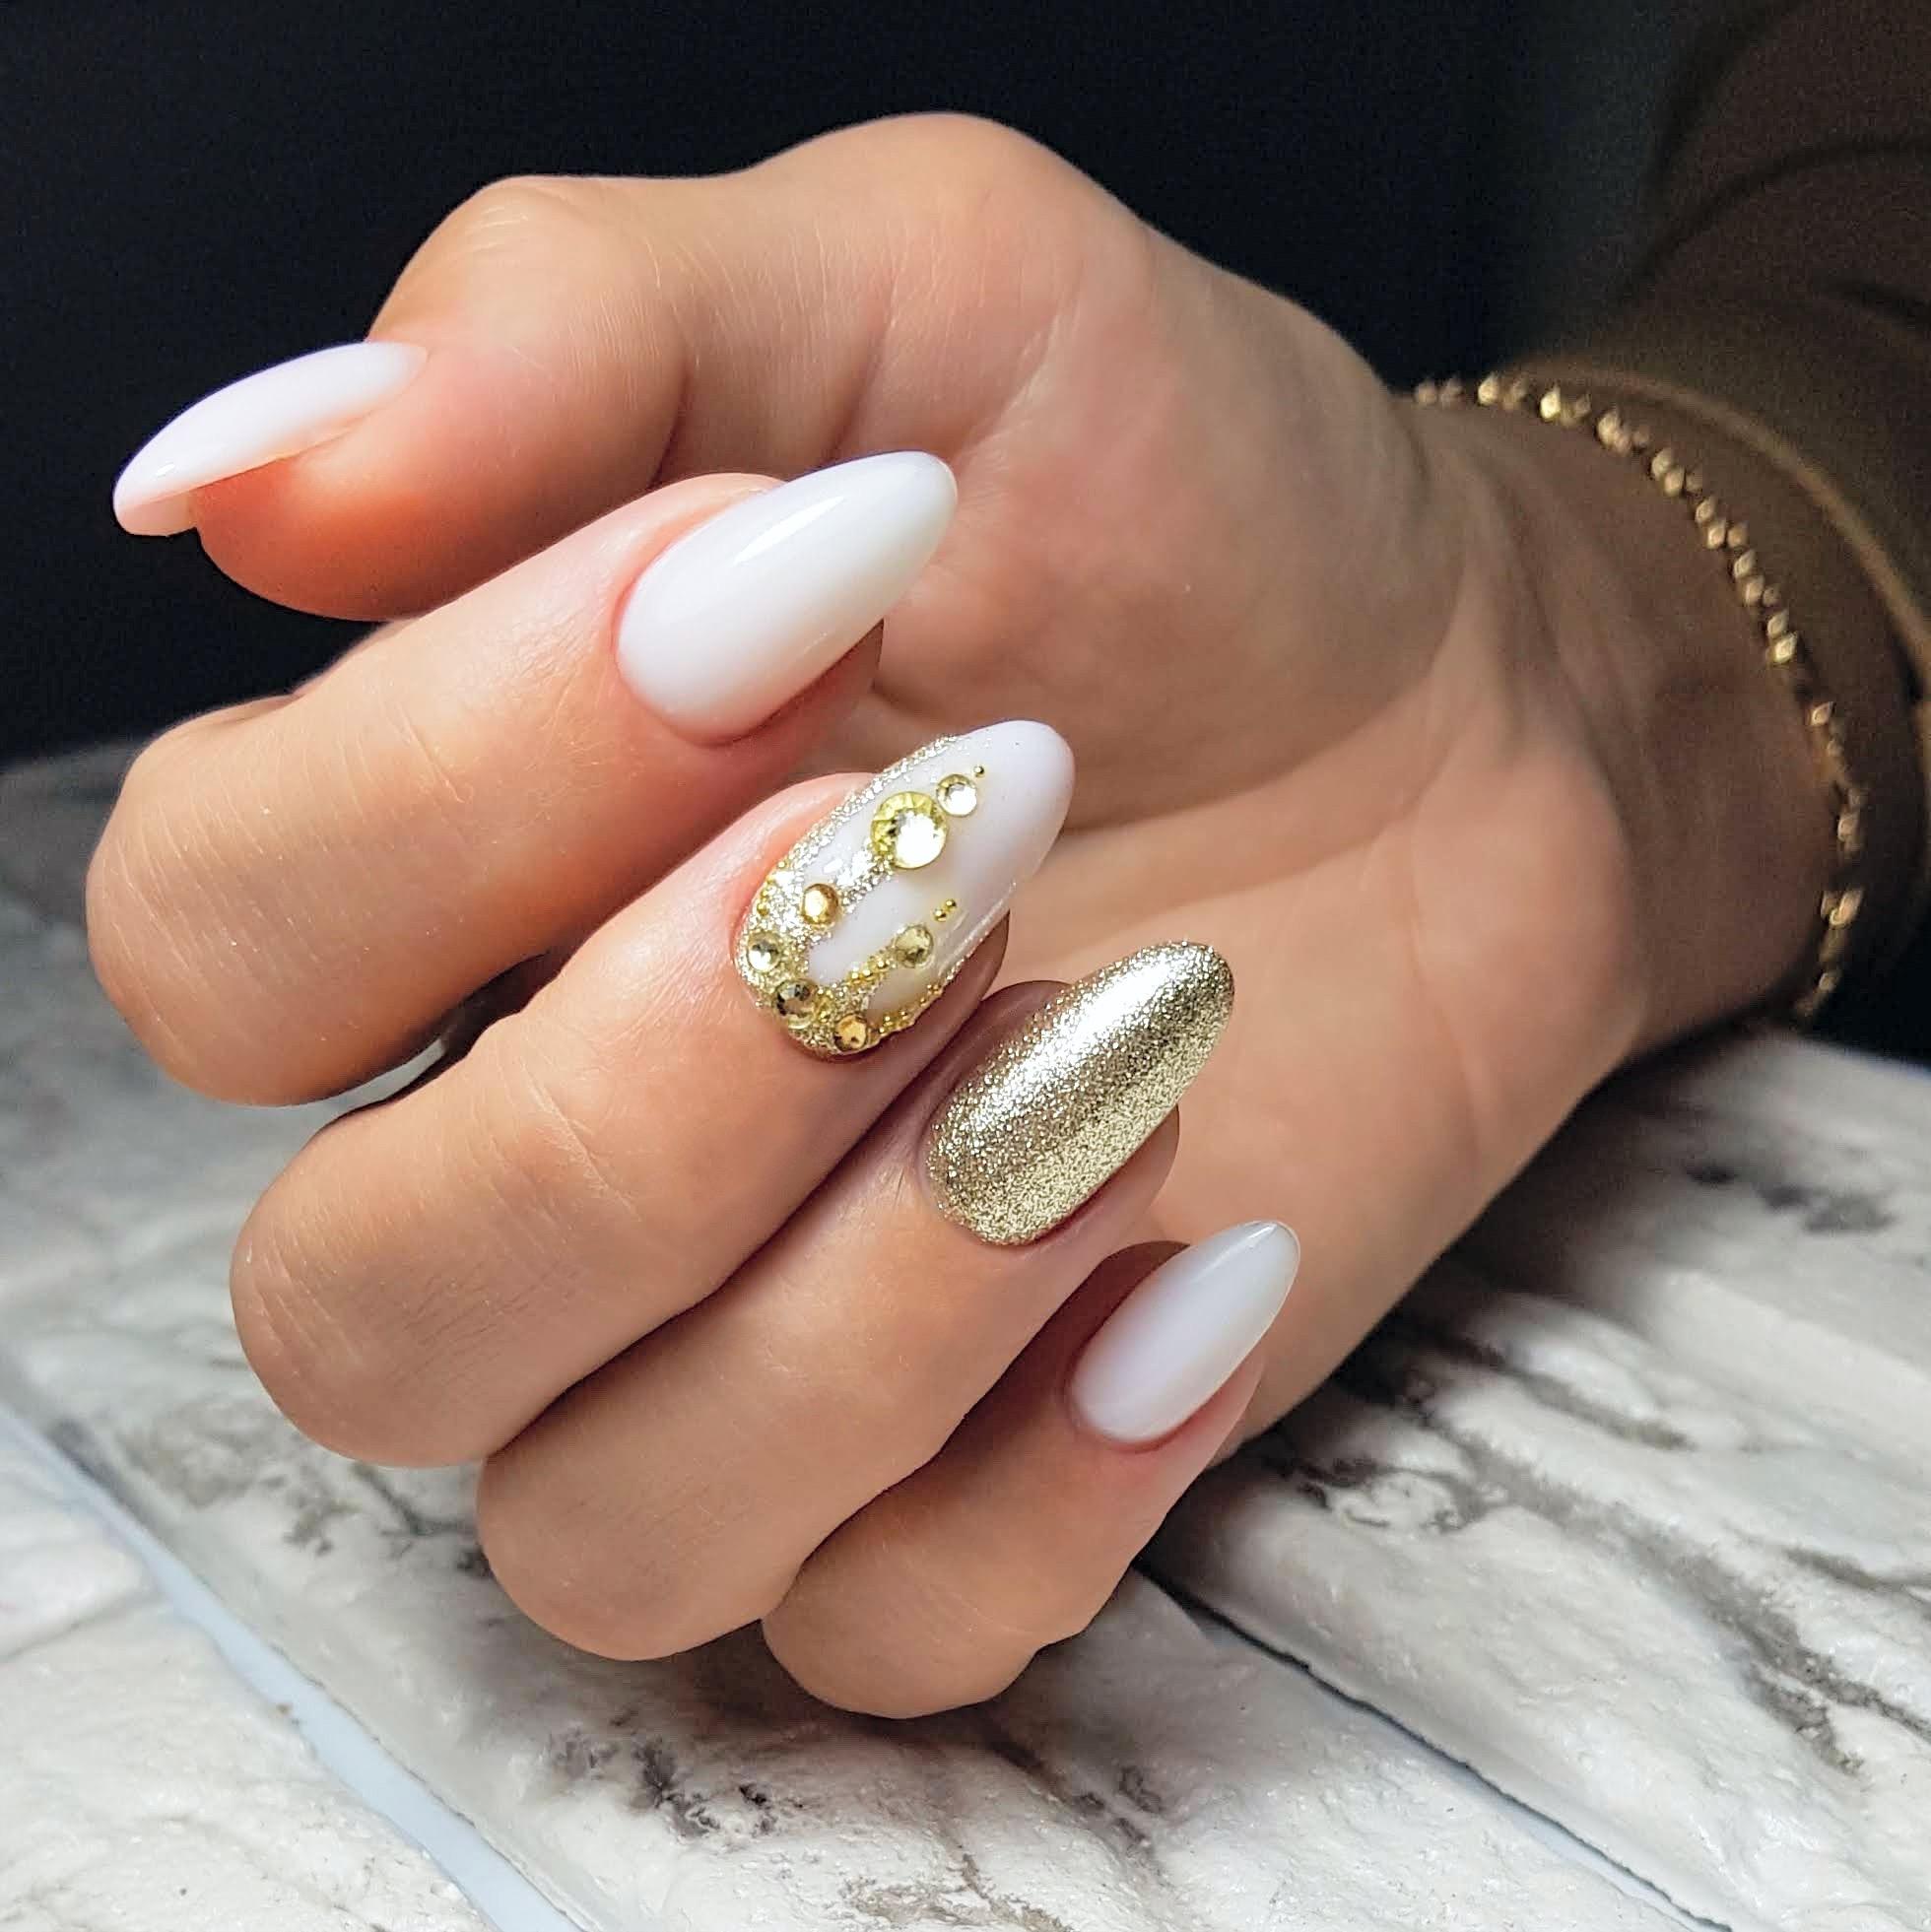 Маникюр с золотыми блестками и стразами в белом цвете.